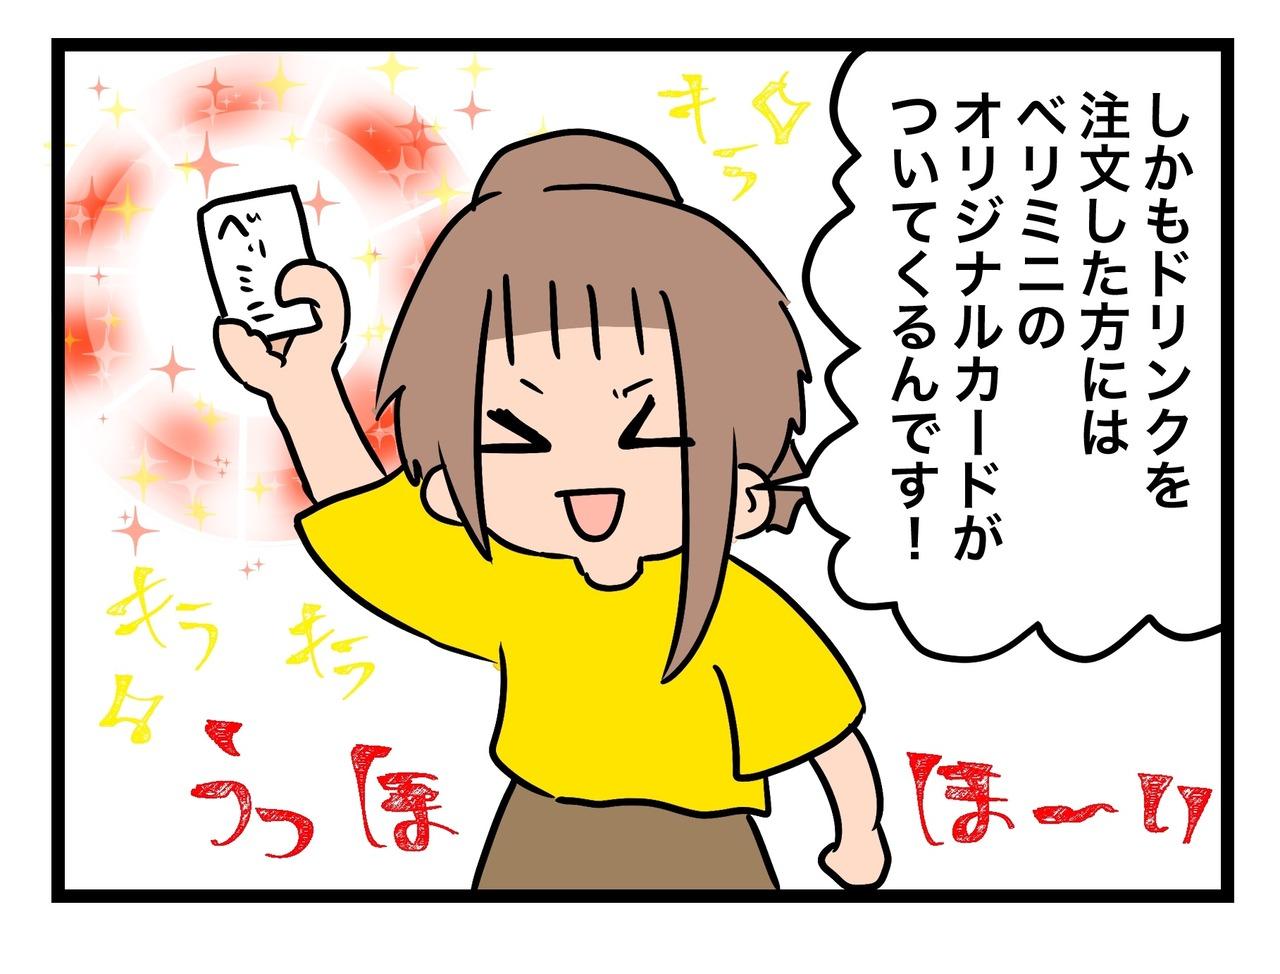 862FB819-A06C-4E40-895C-8B912504F03C